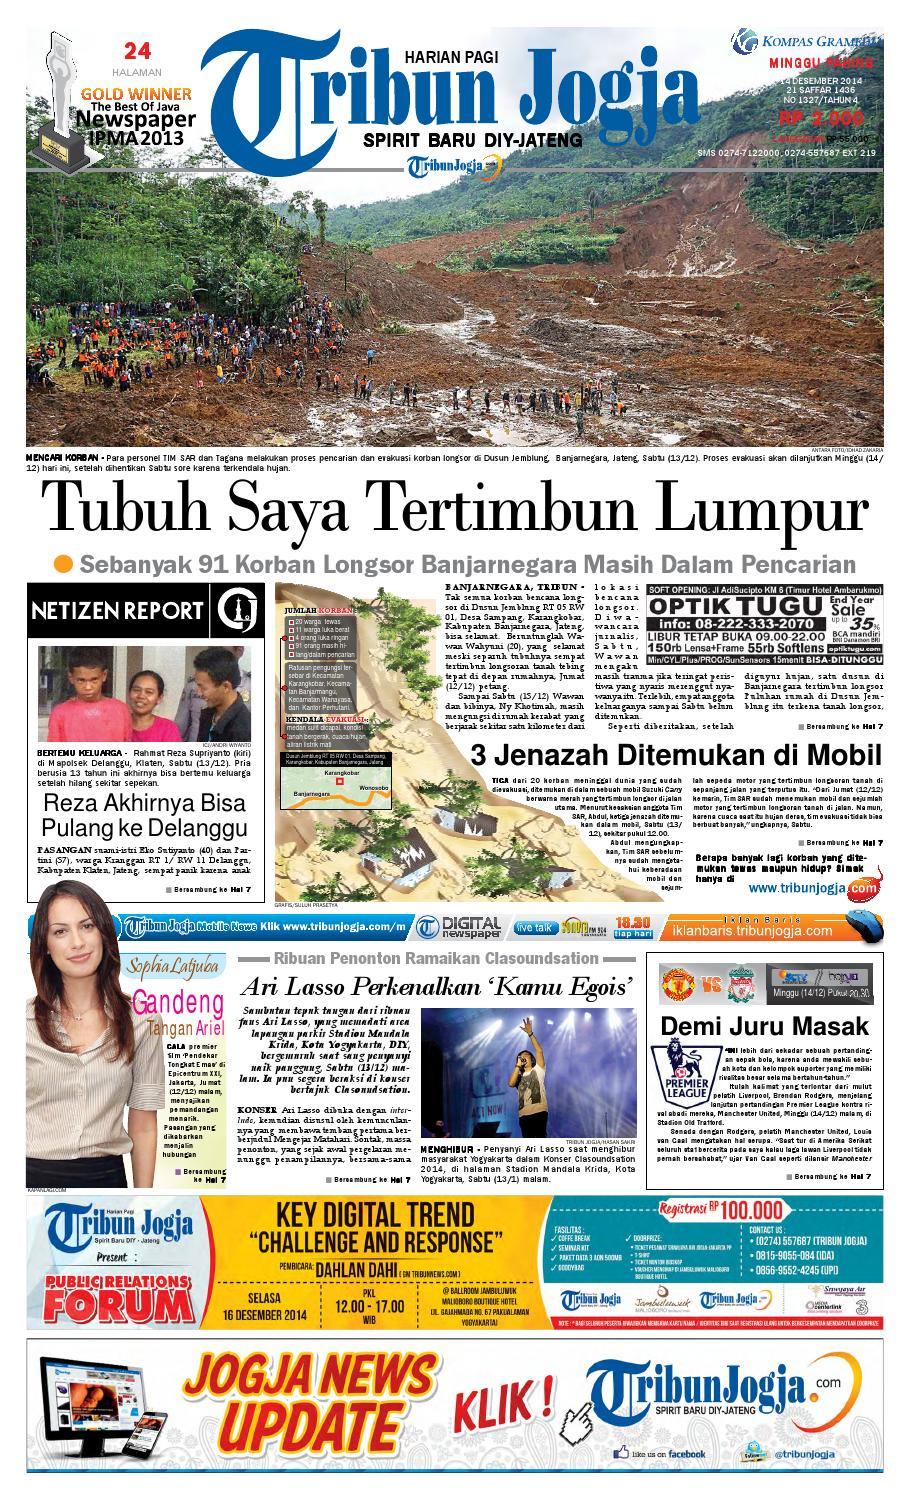 Tribunjogja 14 12 2014 By Tribun Jogja Issuu Stiker Pelengkap Astrea 800